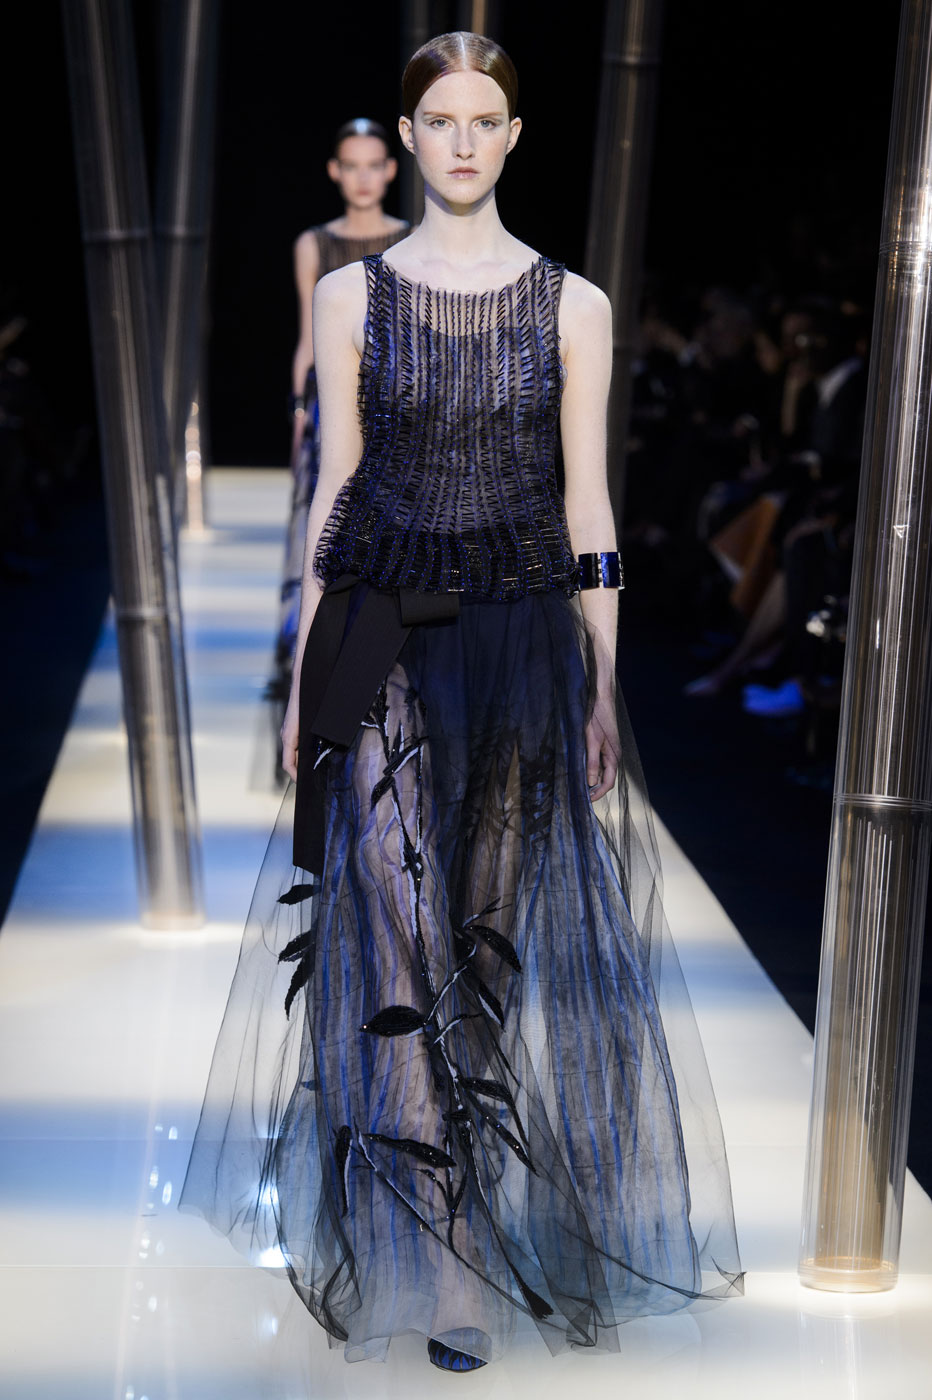 Giorgio-armani-Prive-fashion-runway-show-haute-couture-paris-spring-2015-the-impression-119